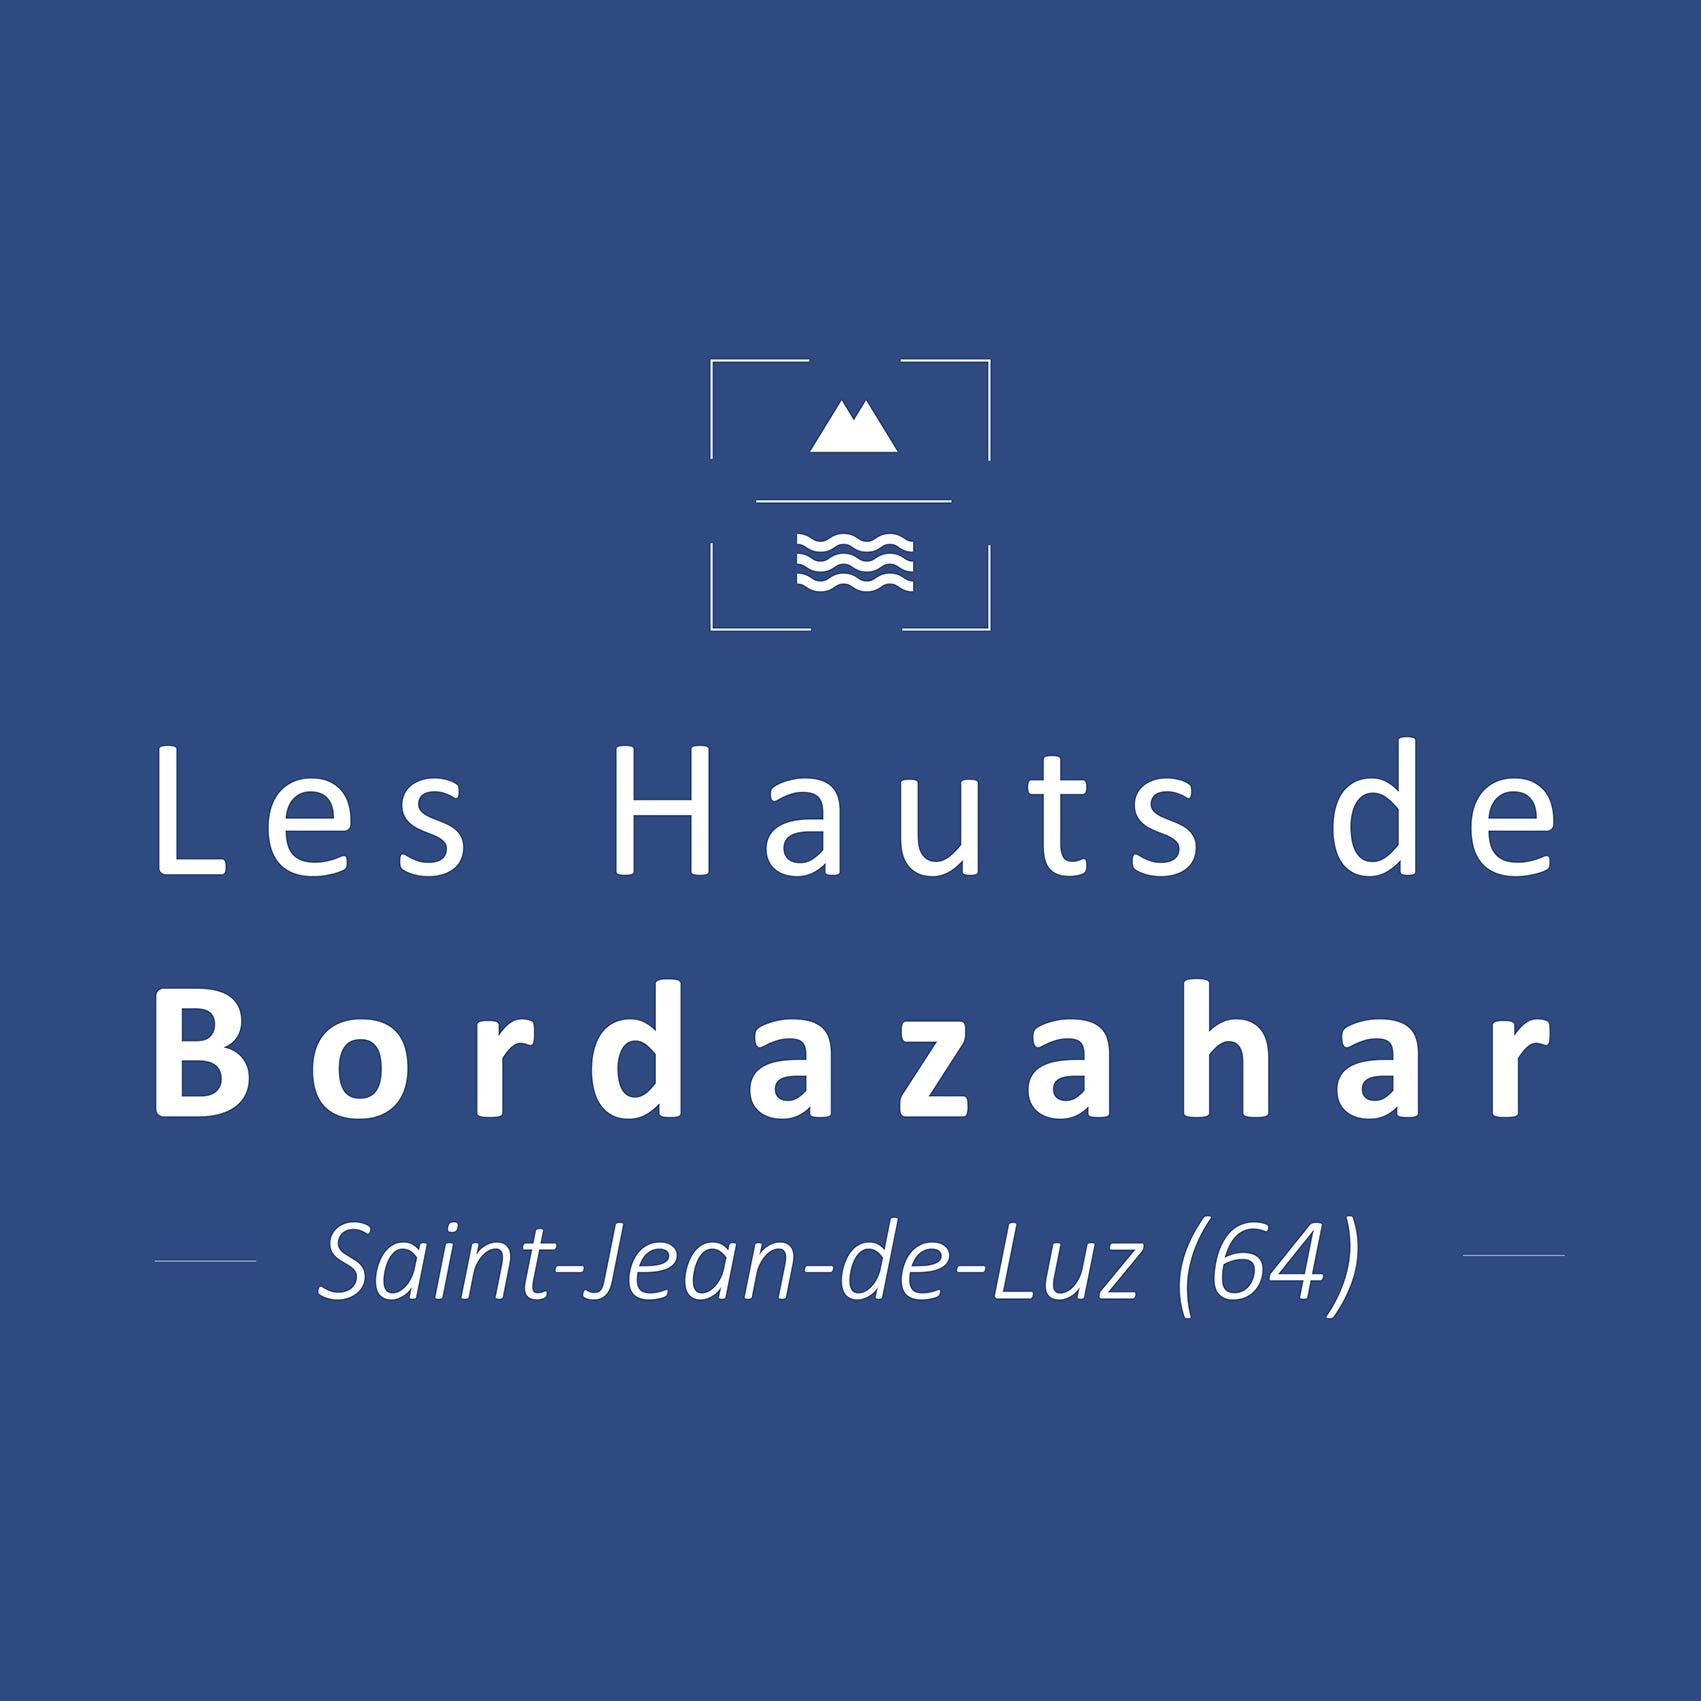 Logo Les Hauts de Bordazahar